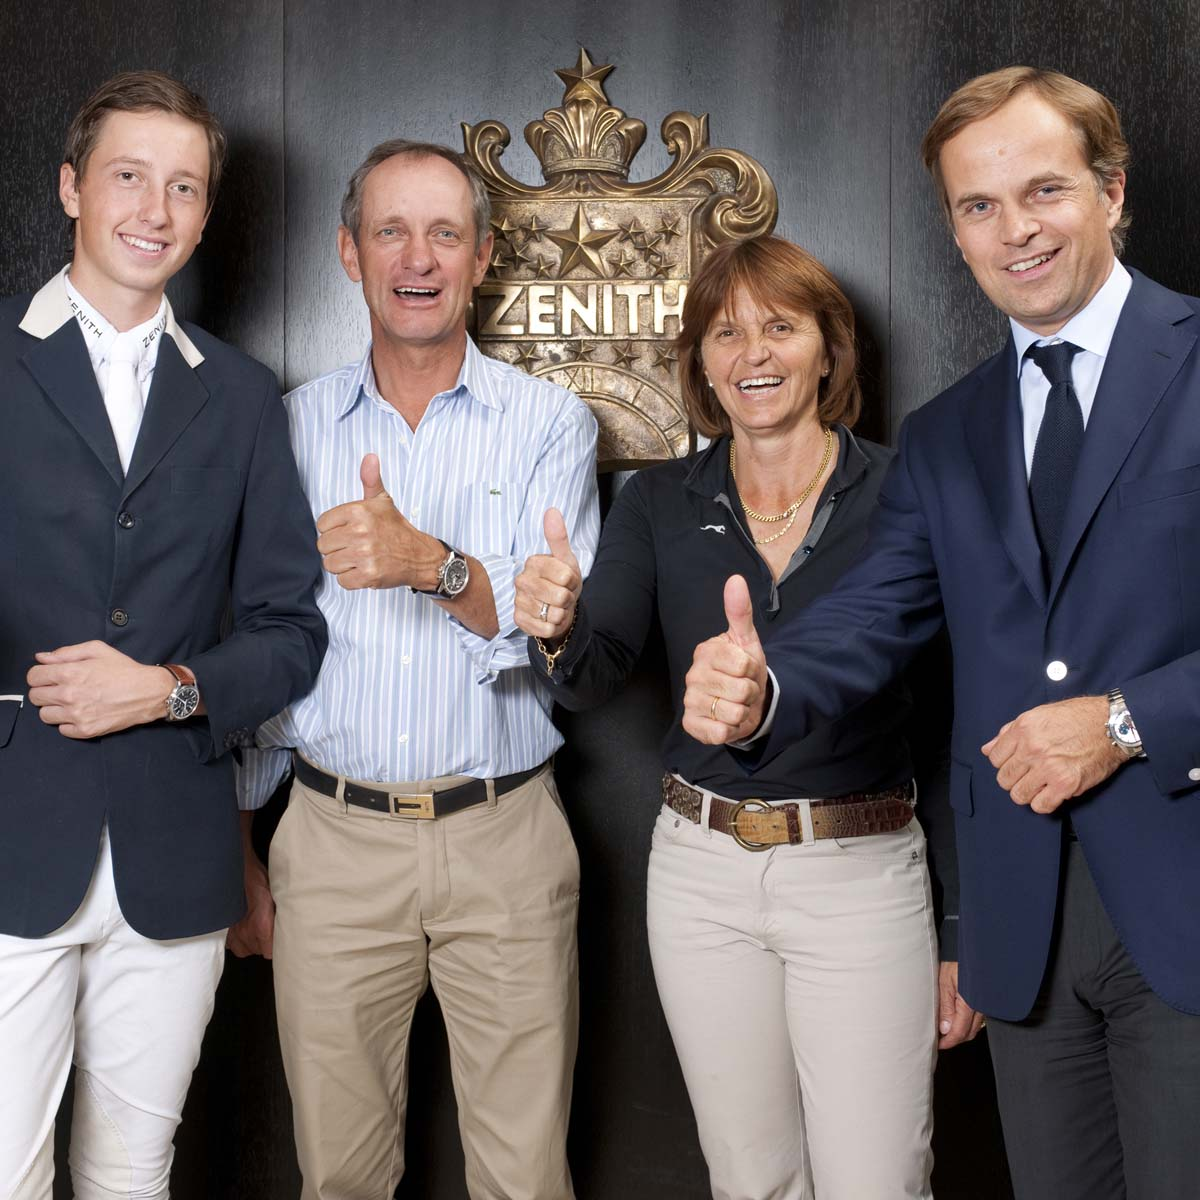 La Cote des Montres : Photo - Martin Fuchs, le jeune prodige du saut d'obstacles, rejoint les ambassadeurs Zenith